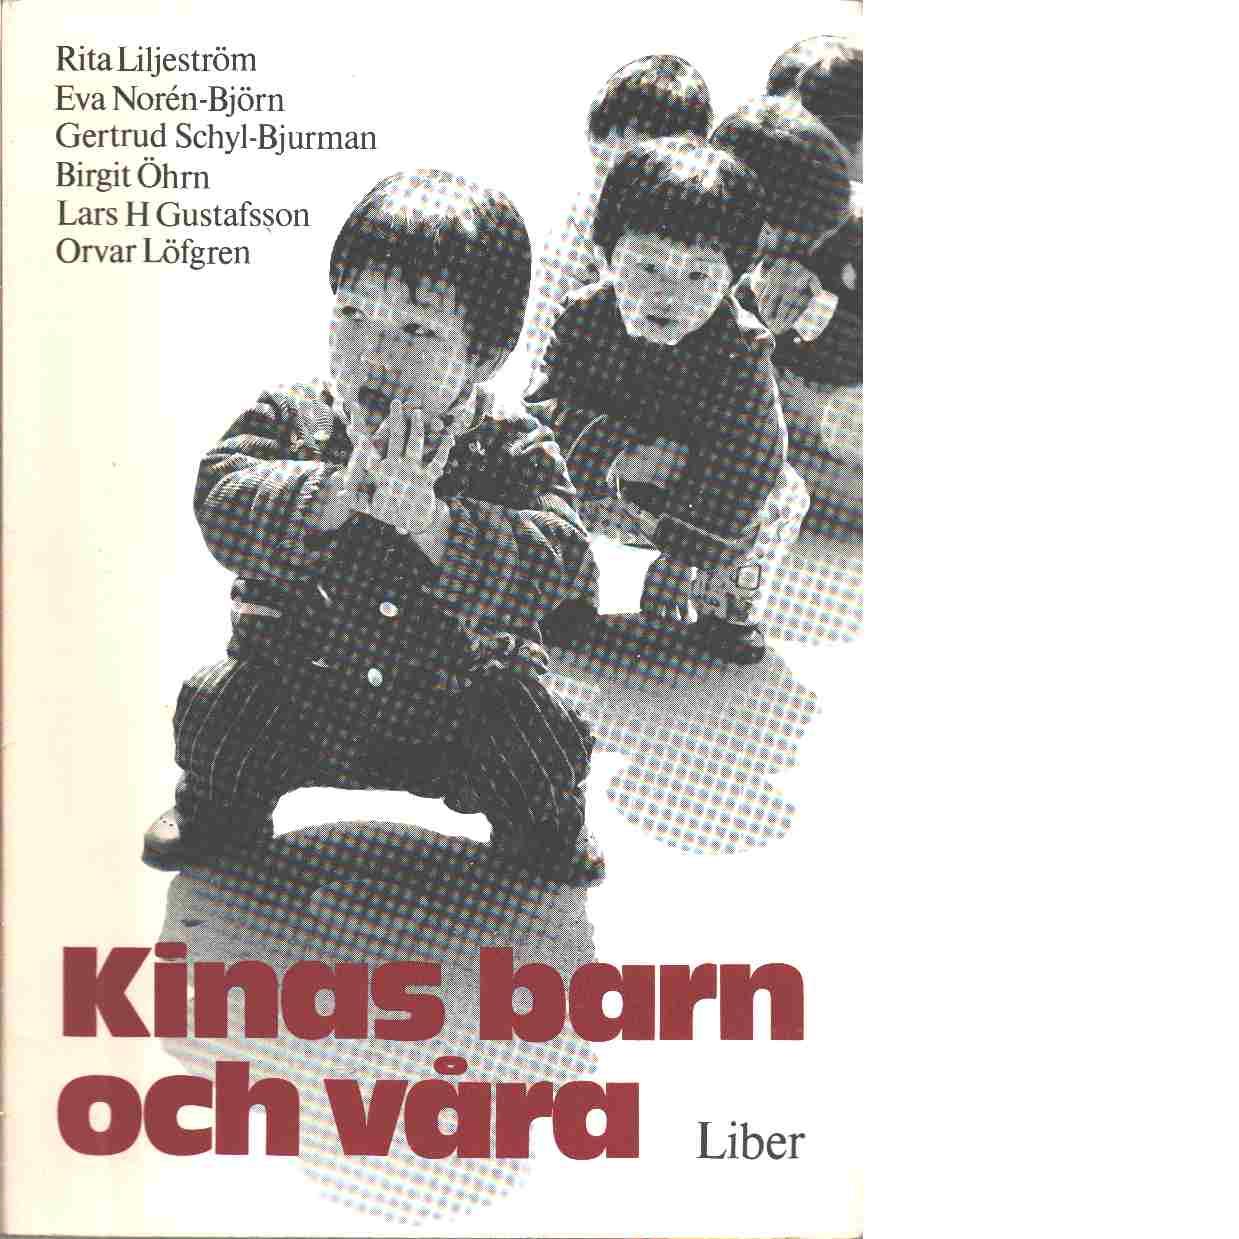 Kinas barn och våra : förskola, barnhälsovård, familjepolitik - Liljeström, Rita